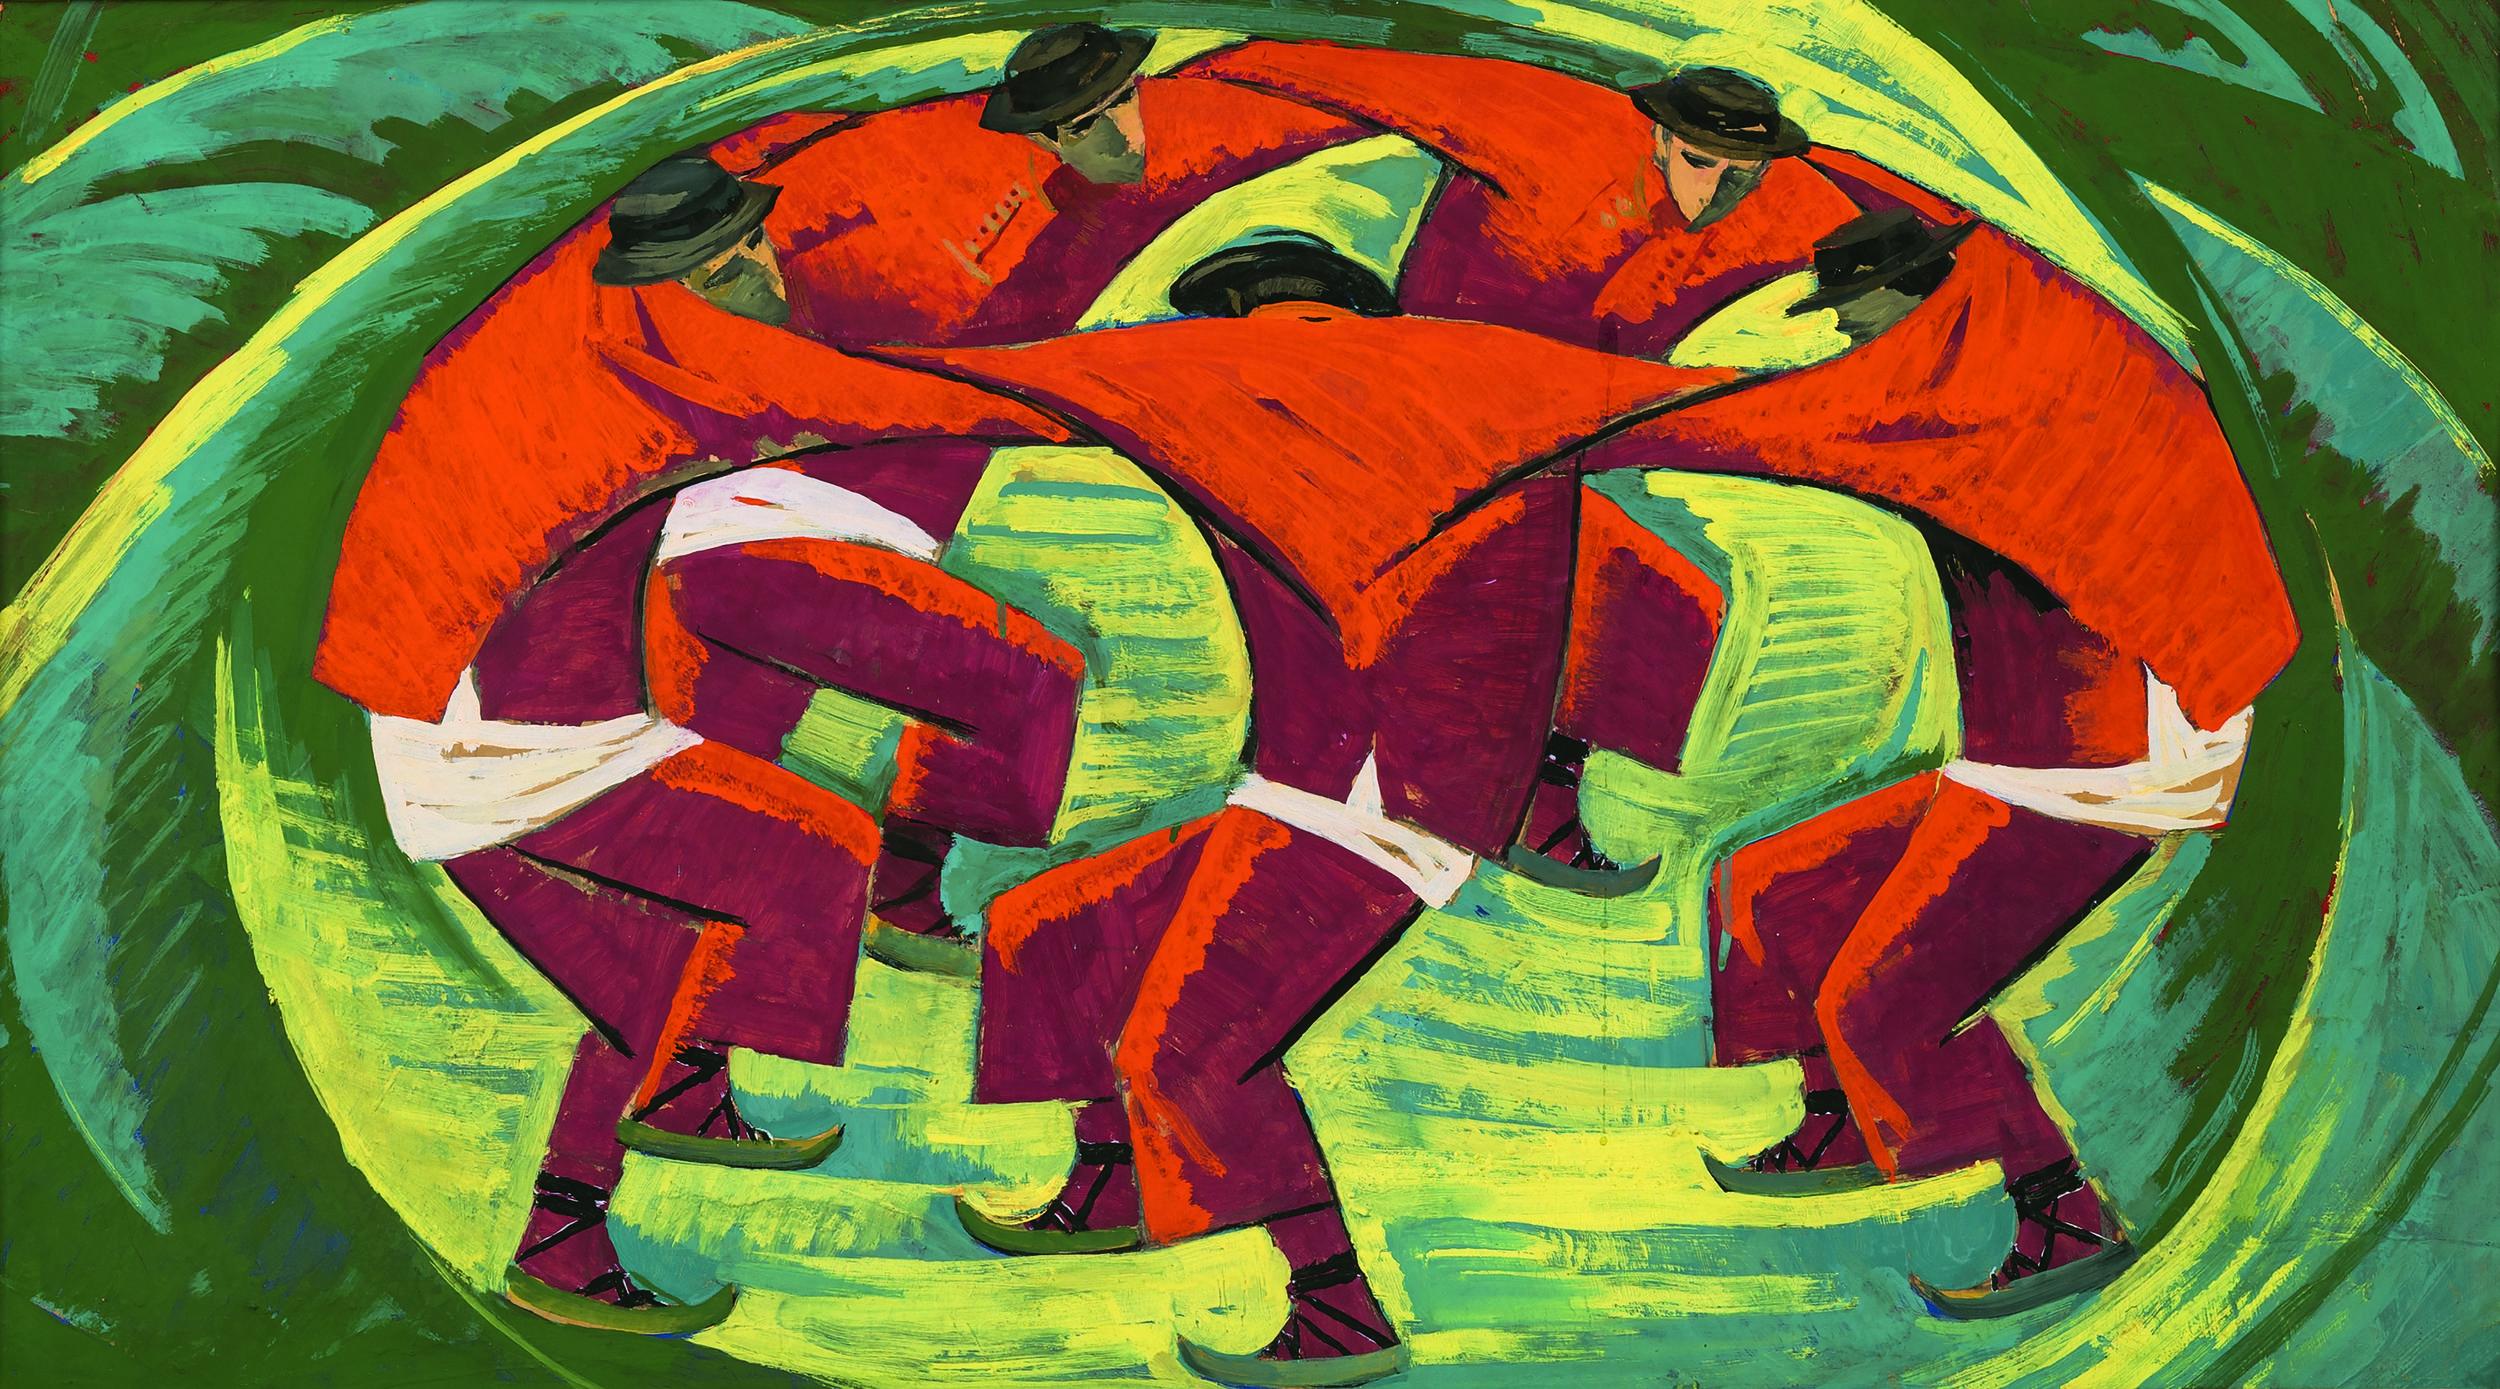 Що треба знати про архів київського неофіційного мистецтва